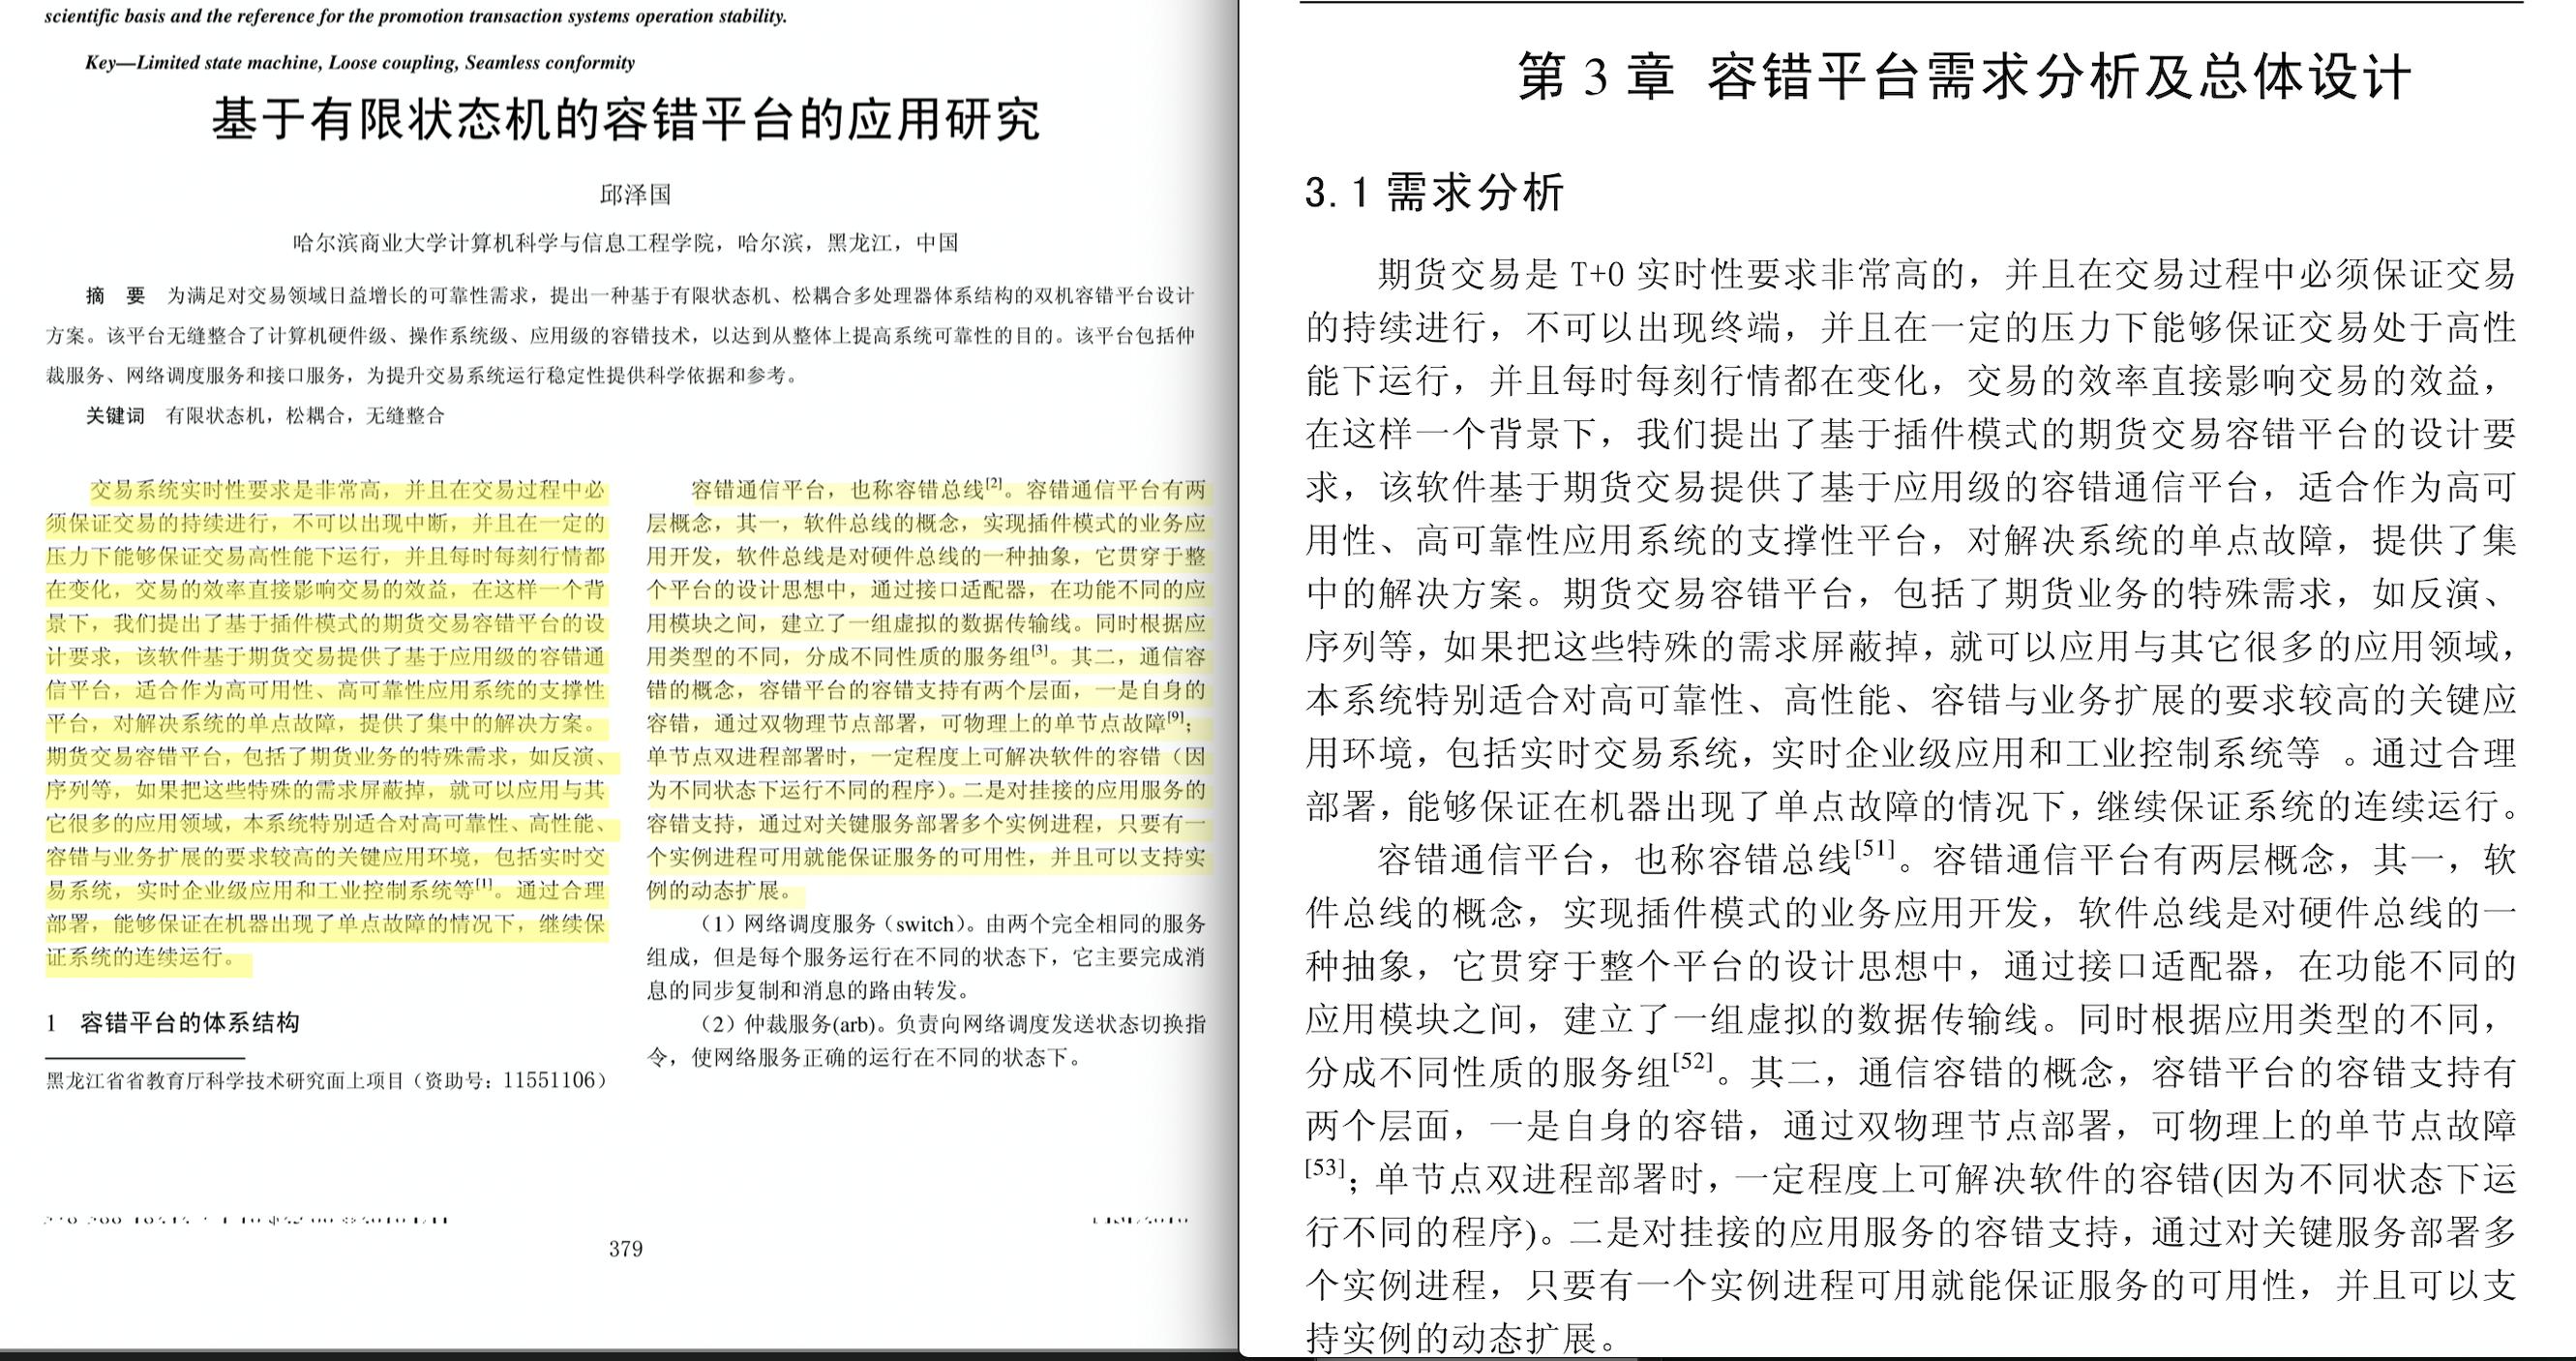 哈尔滨商业大学一处长被指涉嫌抄袭他人论文